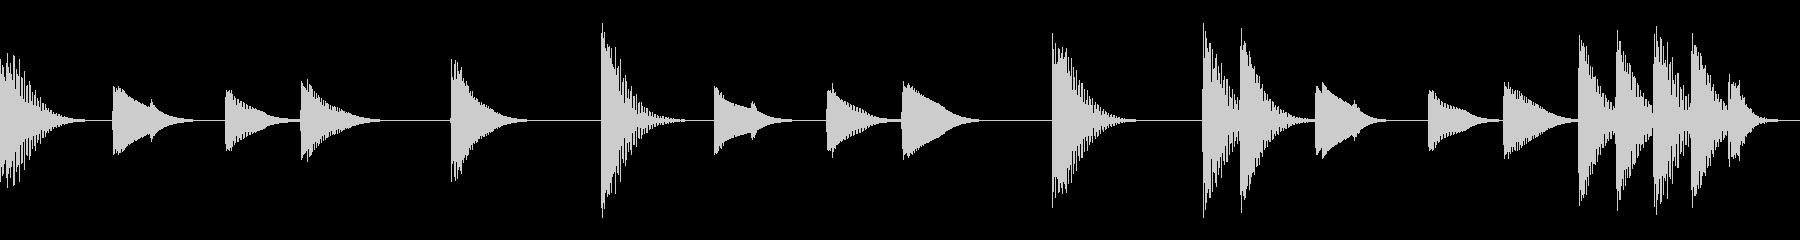 マリンバの軽快な音の未再生の波形